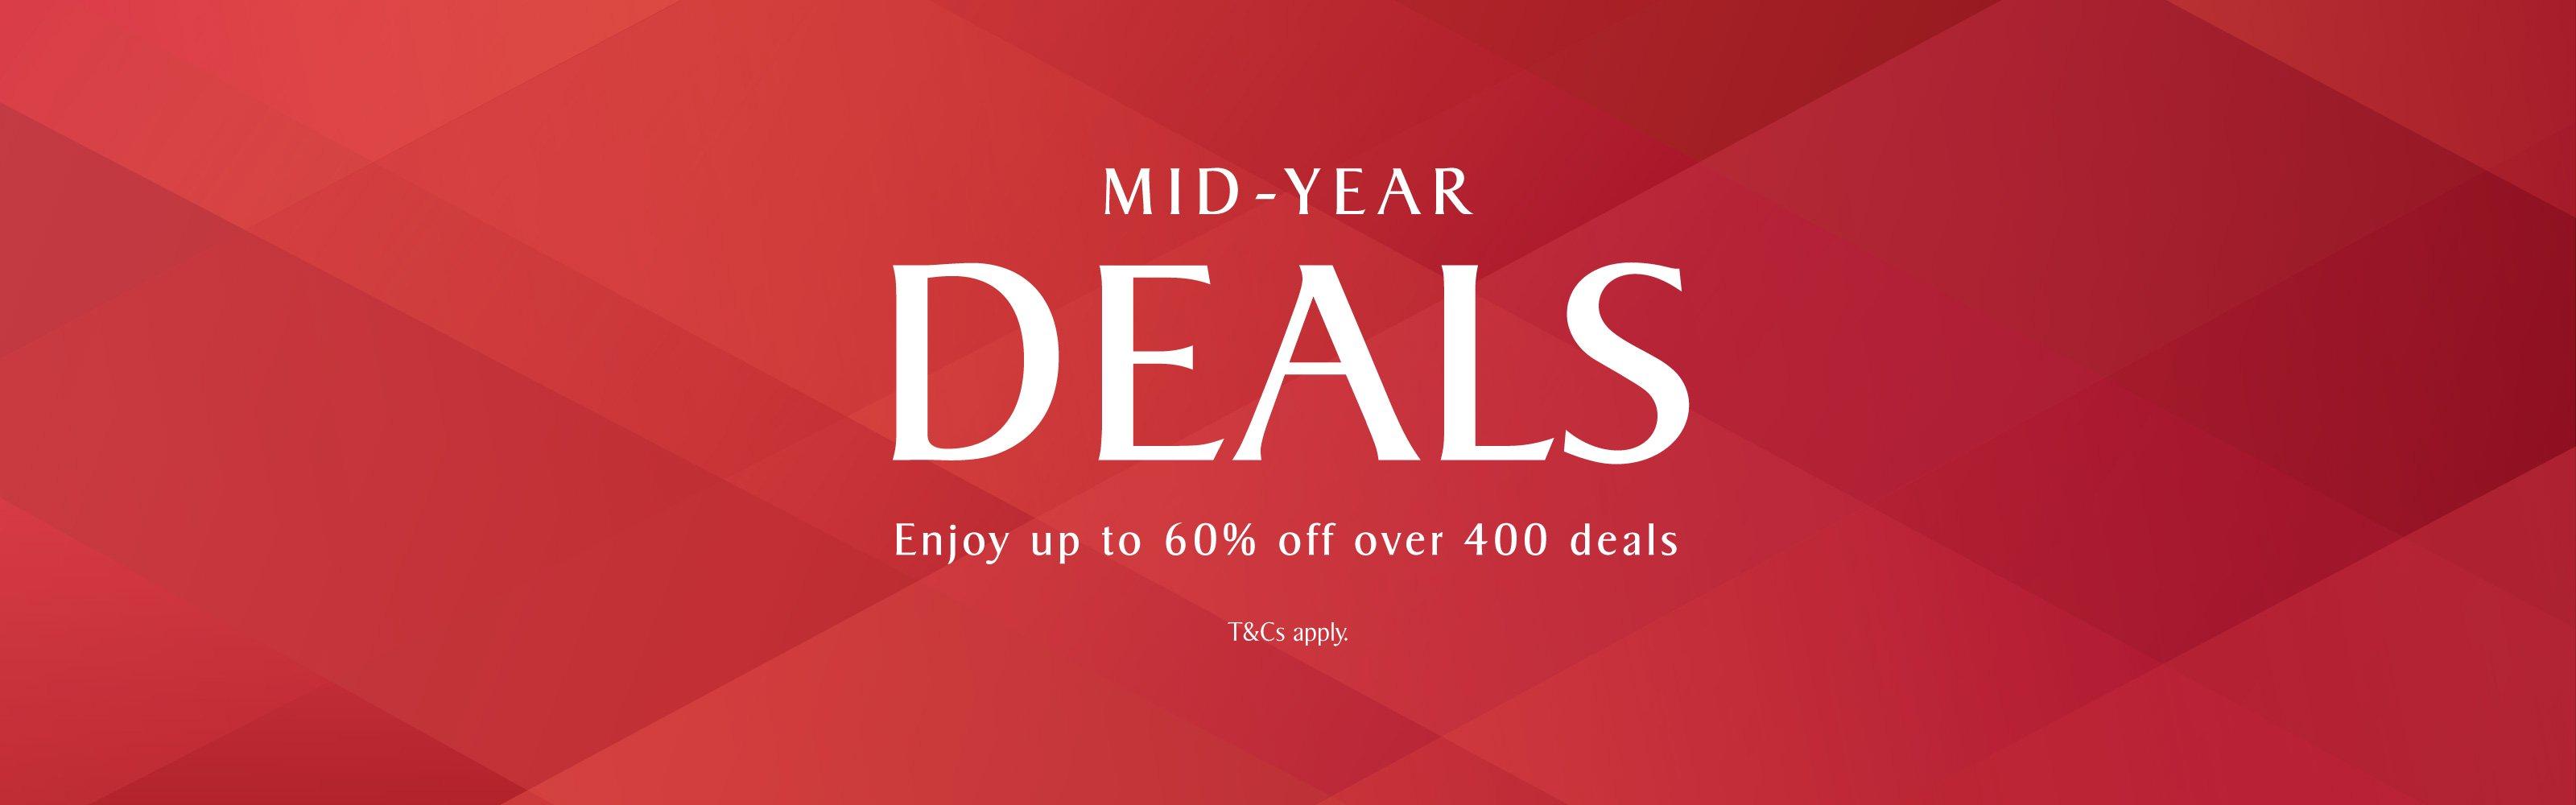 KrisShop Mid-Year Deals